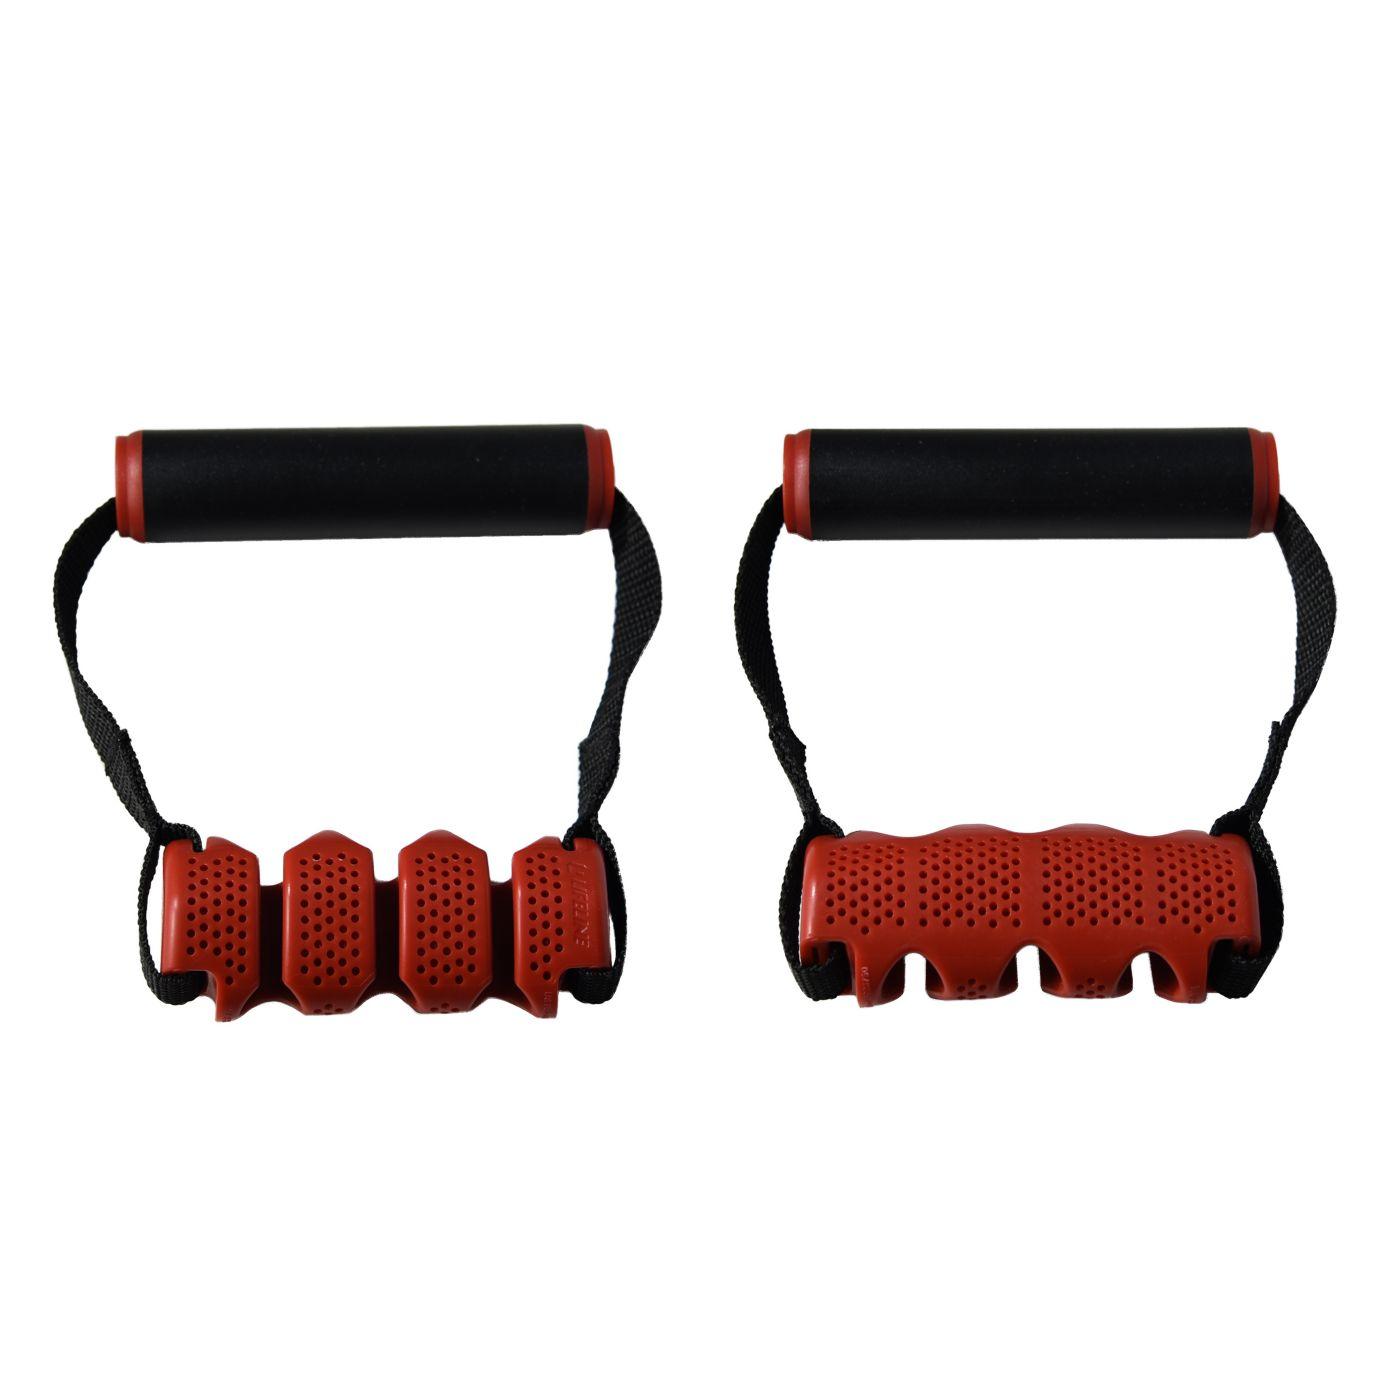 Lifeline Max Flex Handle - Triple Cable Pocket